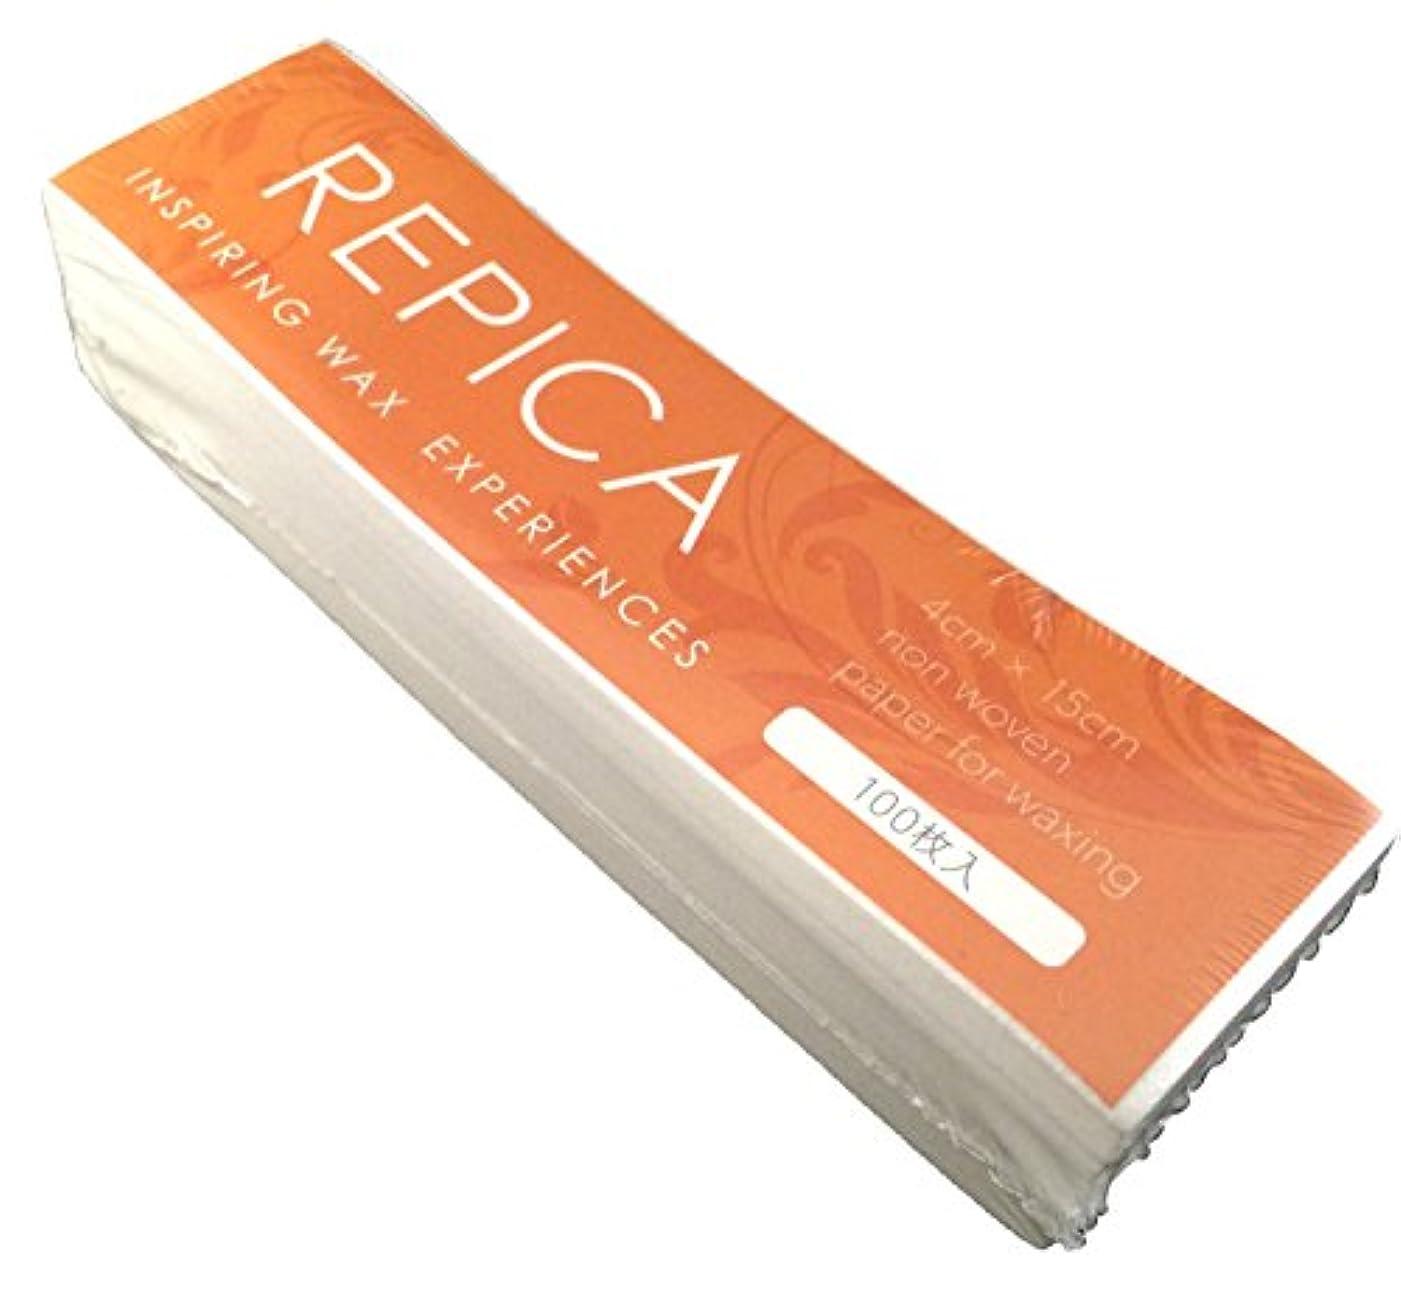 楽しむ吸収友だちREPICA ブラジリアンワックス脱毛 カットペーパー Sサイズ100枚入り×5個セット ワックス脱毛 ワックスシート ストリップシート